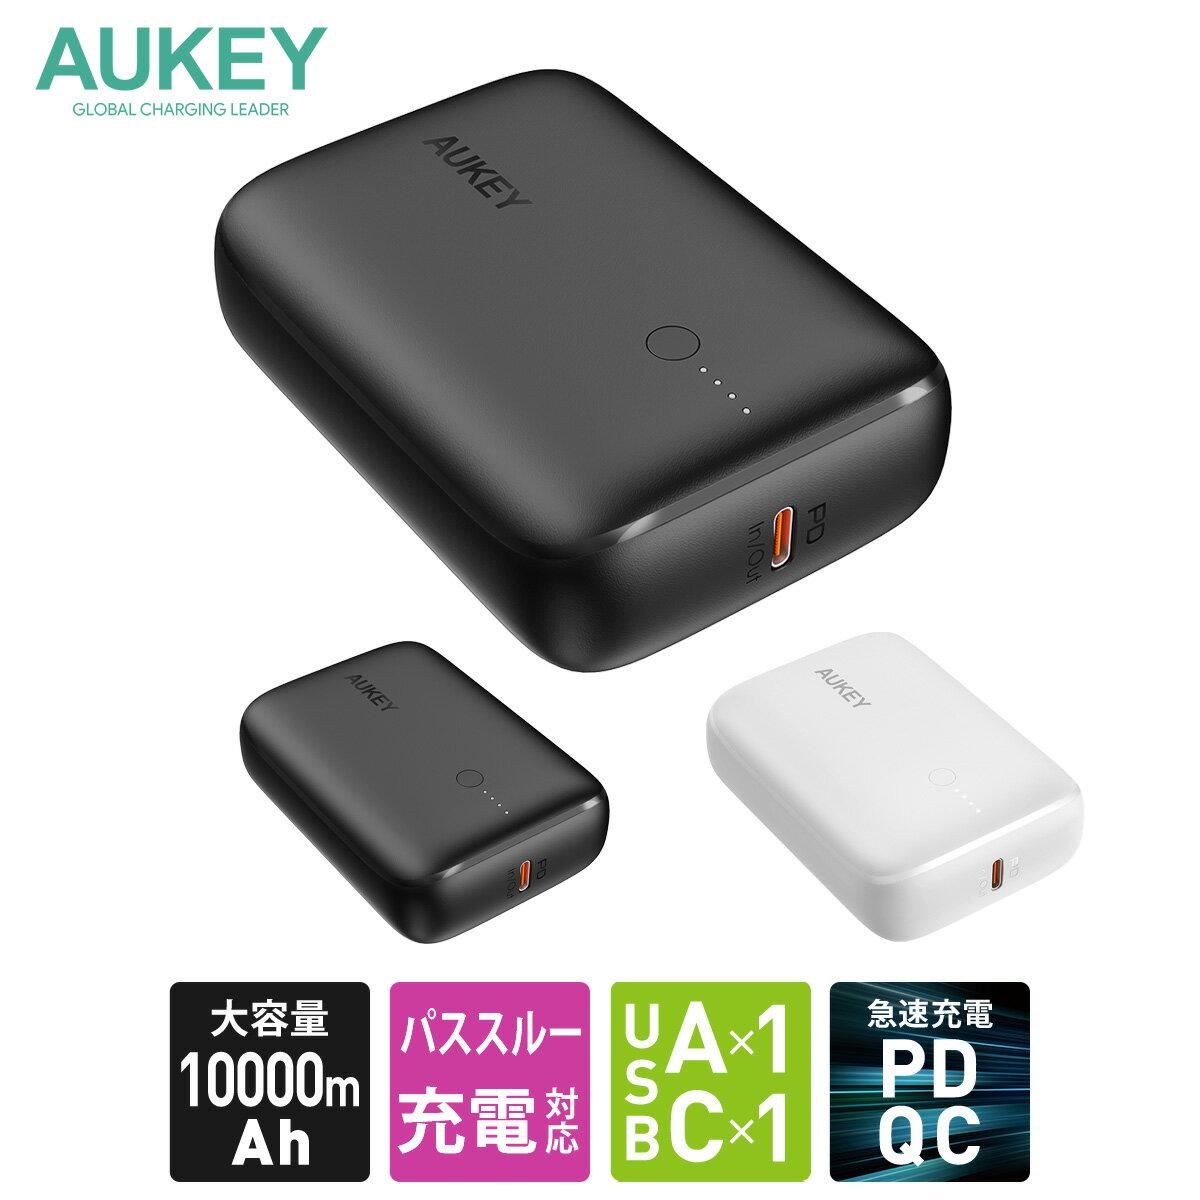 バッテリー・充電器, モバイルバッテリー  AUKEY Basix Mini PB-N83 10000mah 18W PD iPhone Android USB type-c C 2